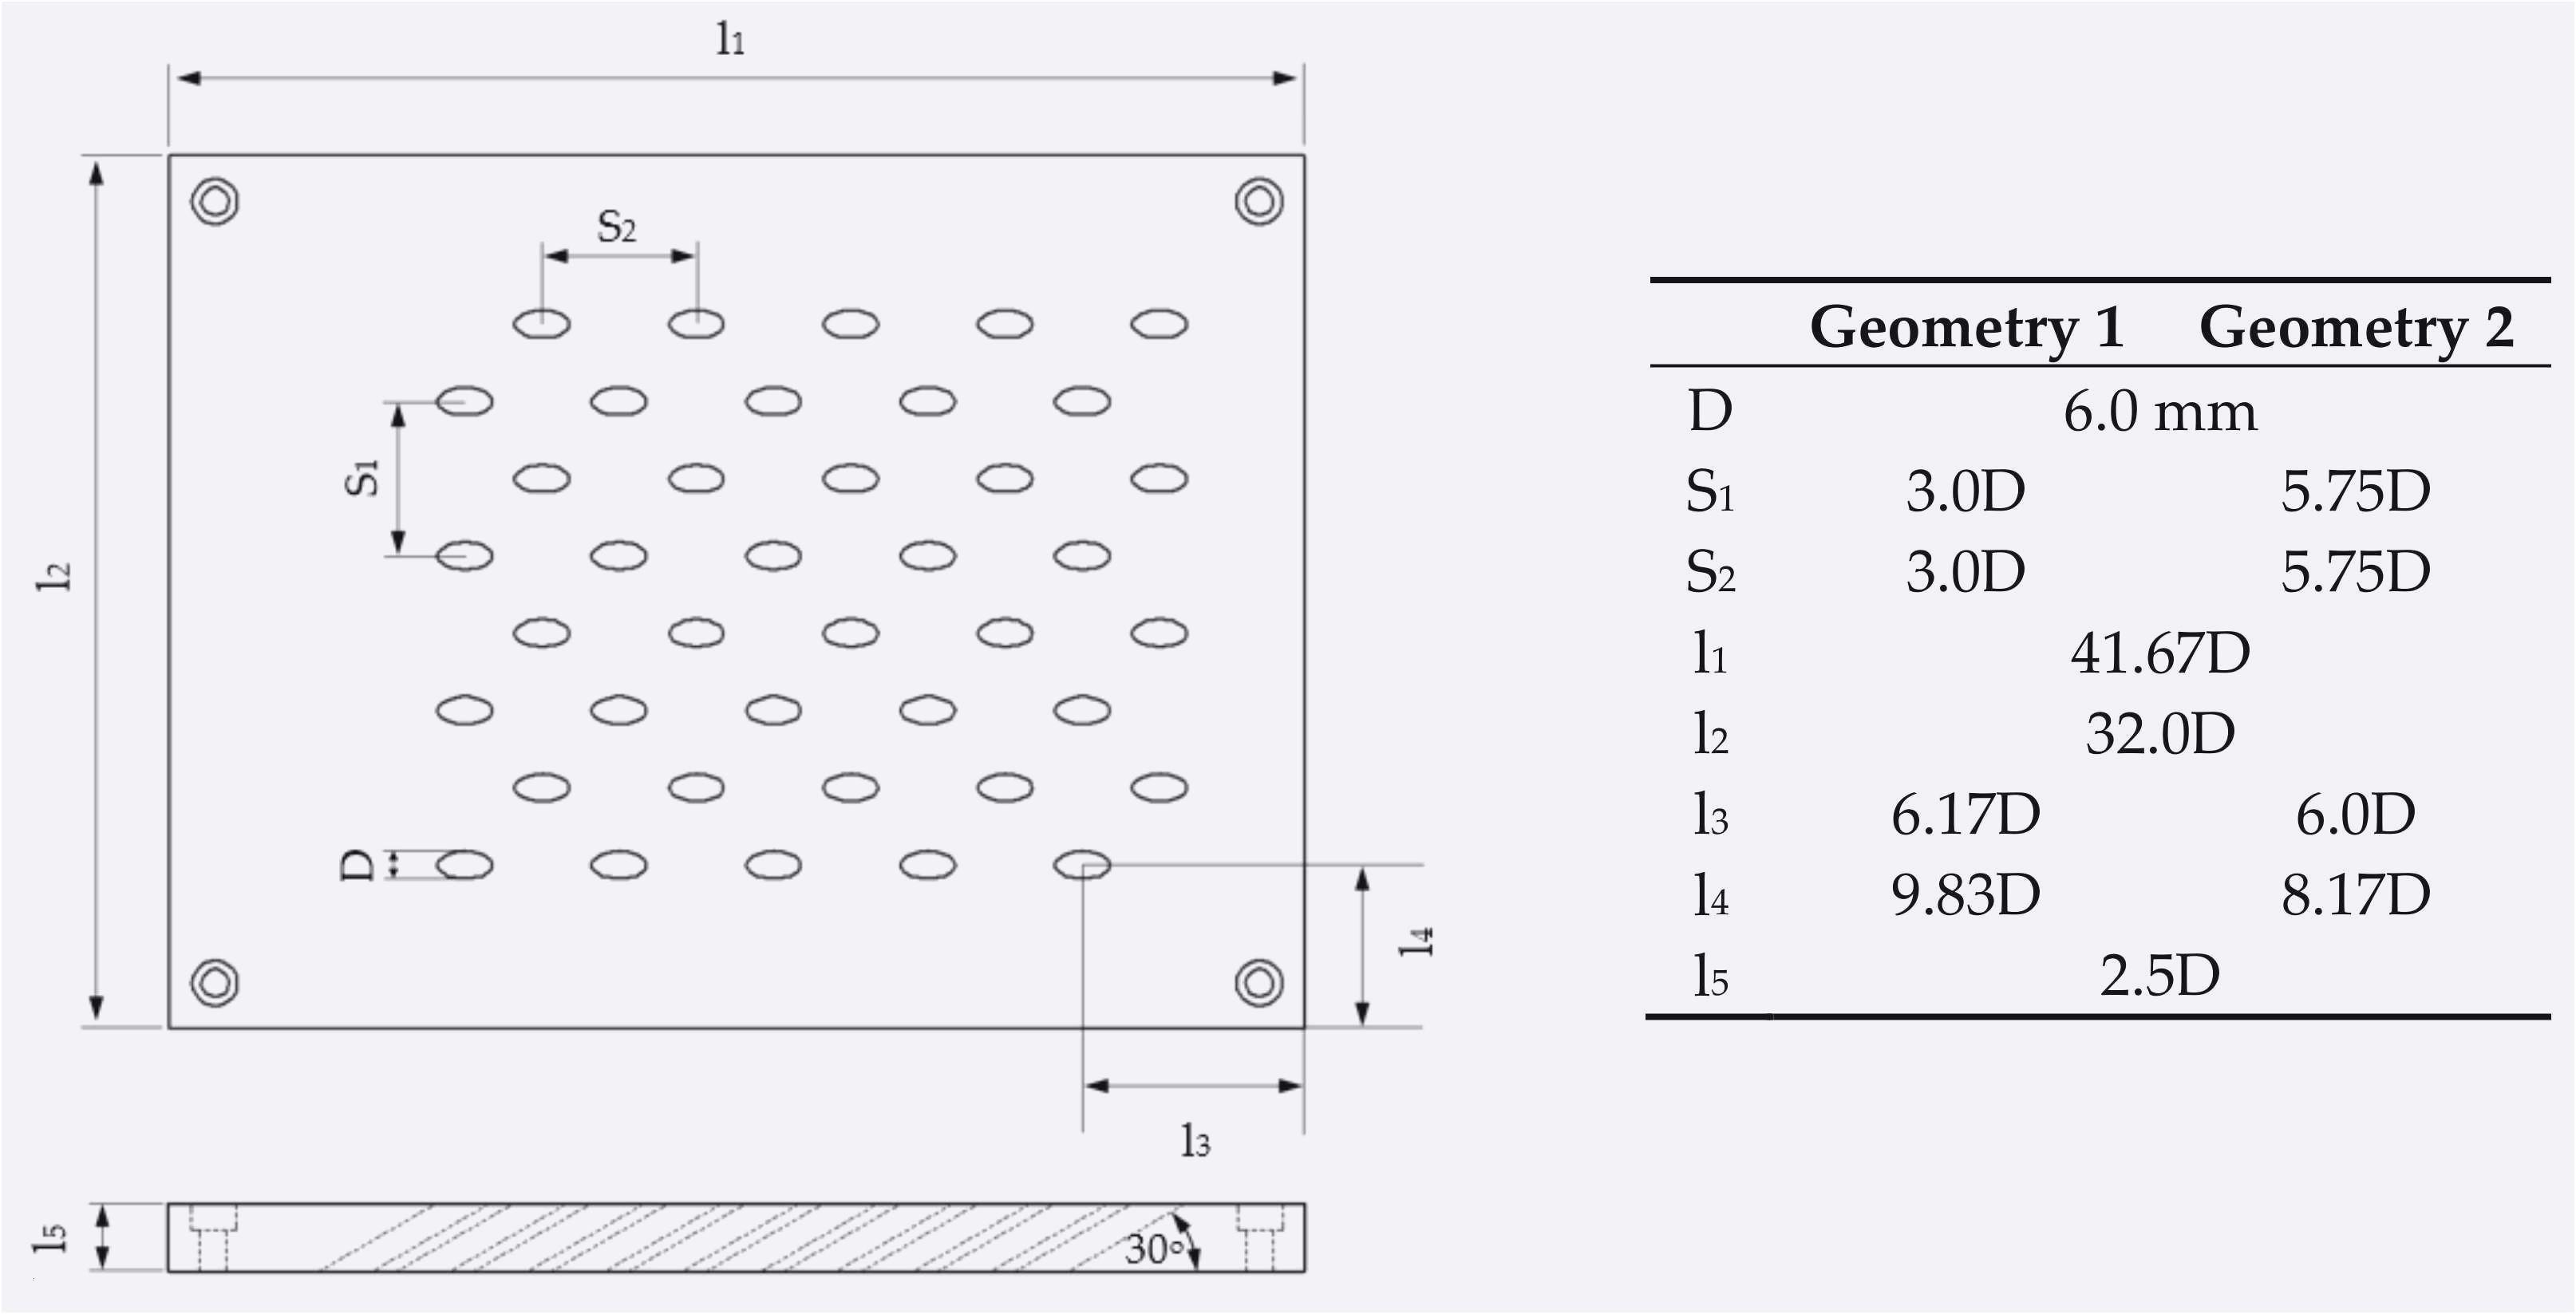 Geometrische Muster Zum Ausmalen Inspirierend Ausmalbilder Geometrische formen Inspirierend 37 Osterhase Fotos